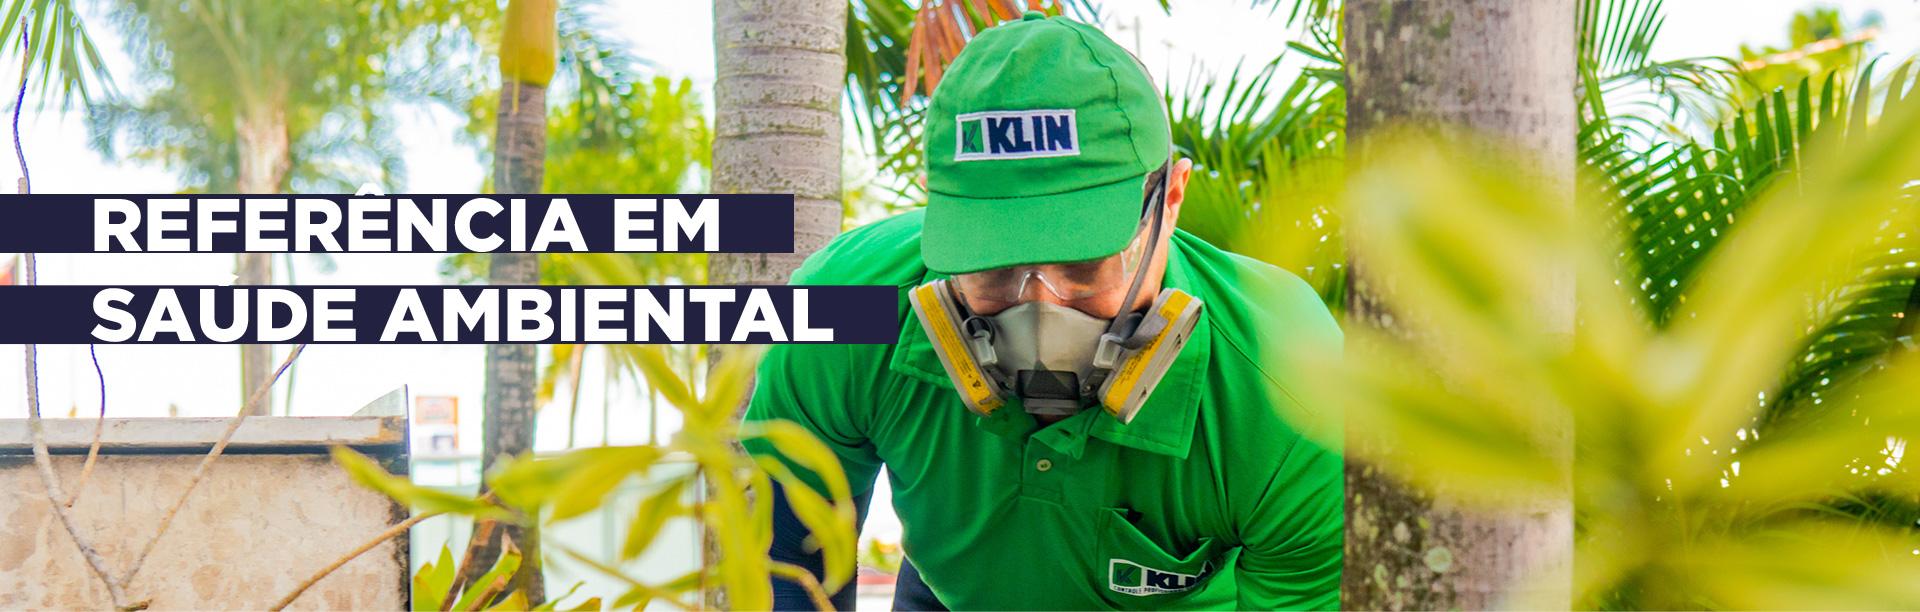 Profissional Klin em serviço ao lado do texto Referência em saúde ambiental